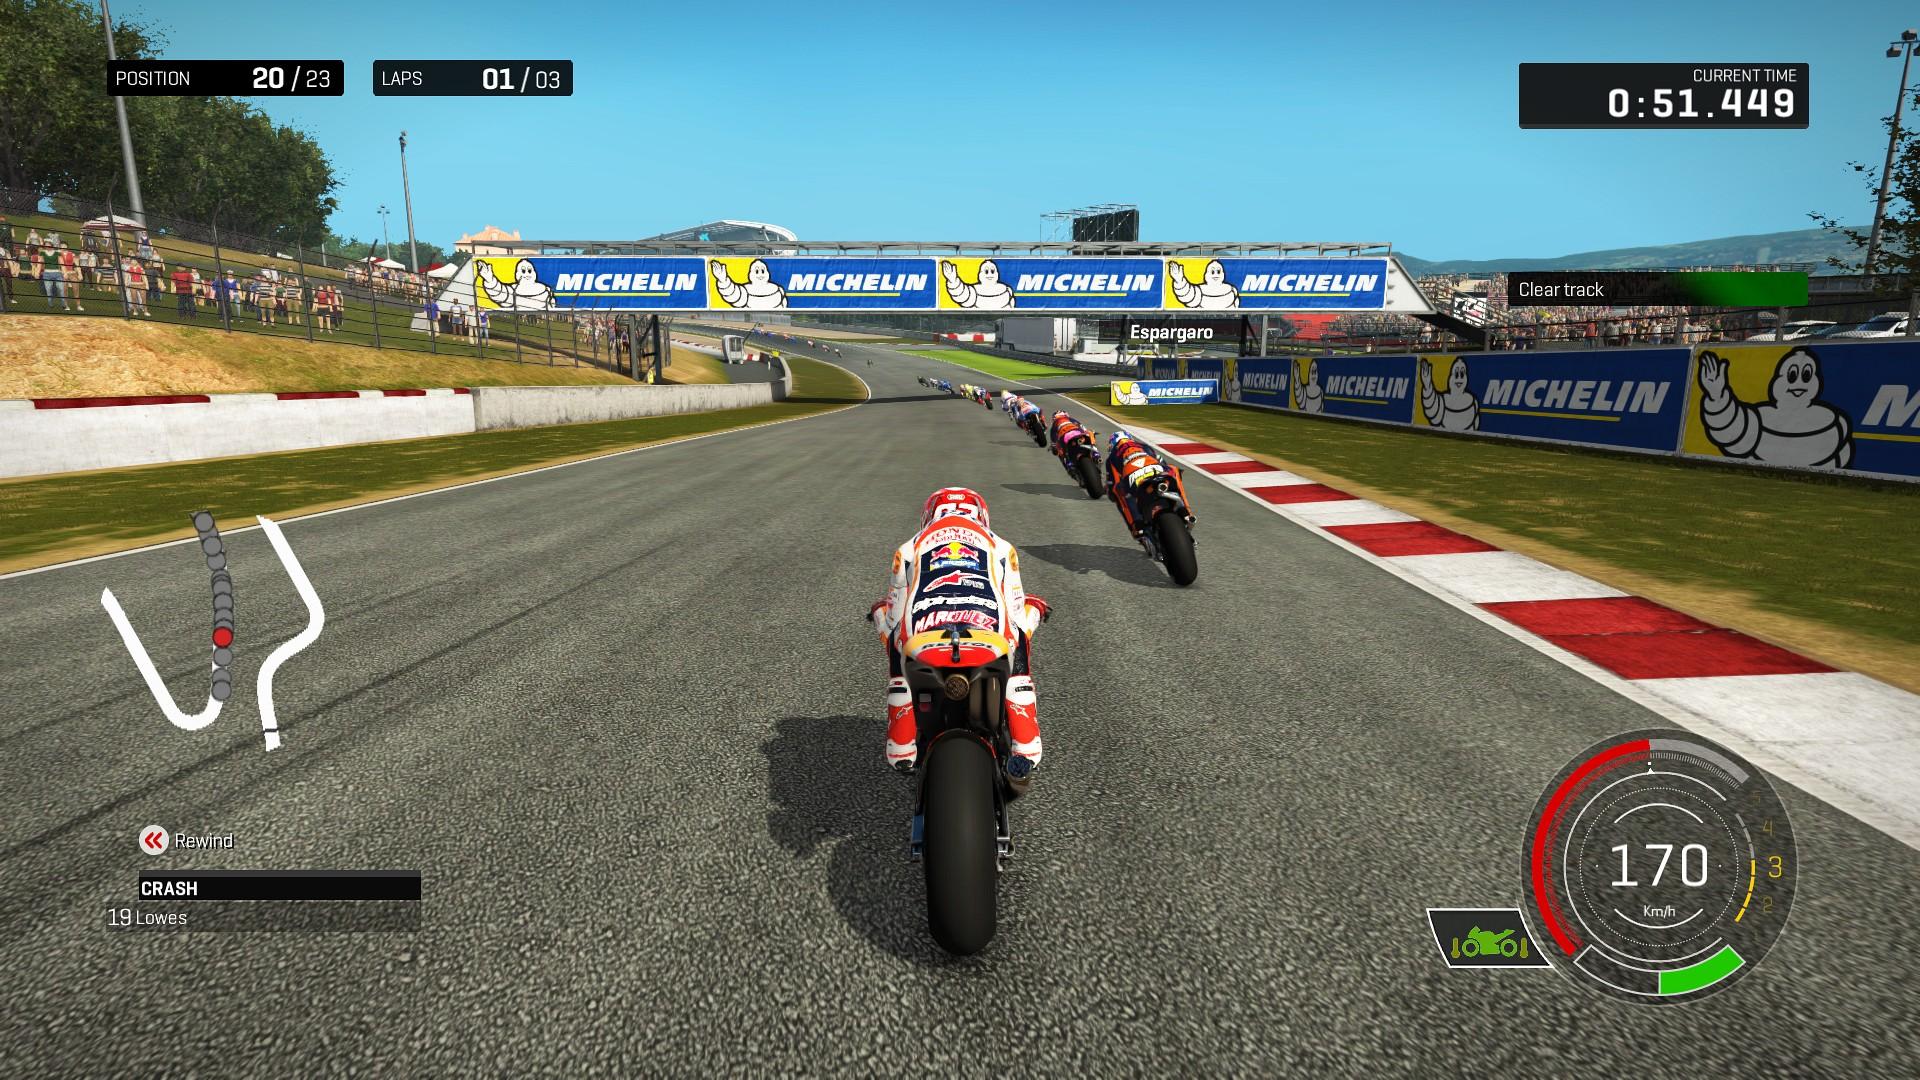 MotoGP 17 ‒ nejlepší svého druhu 146442